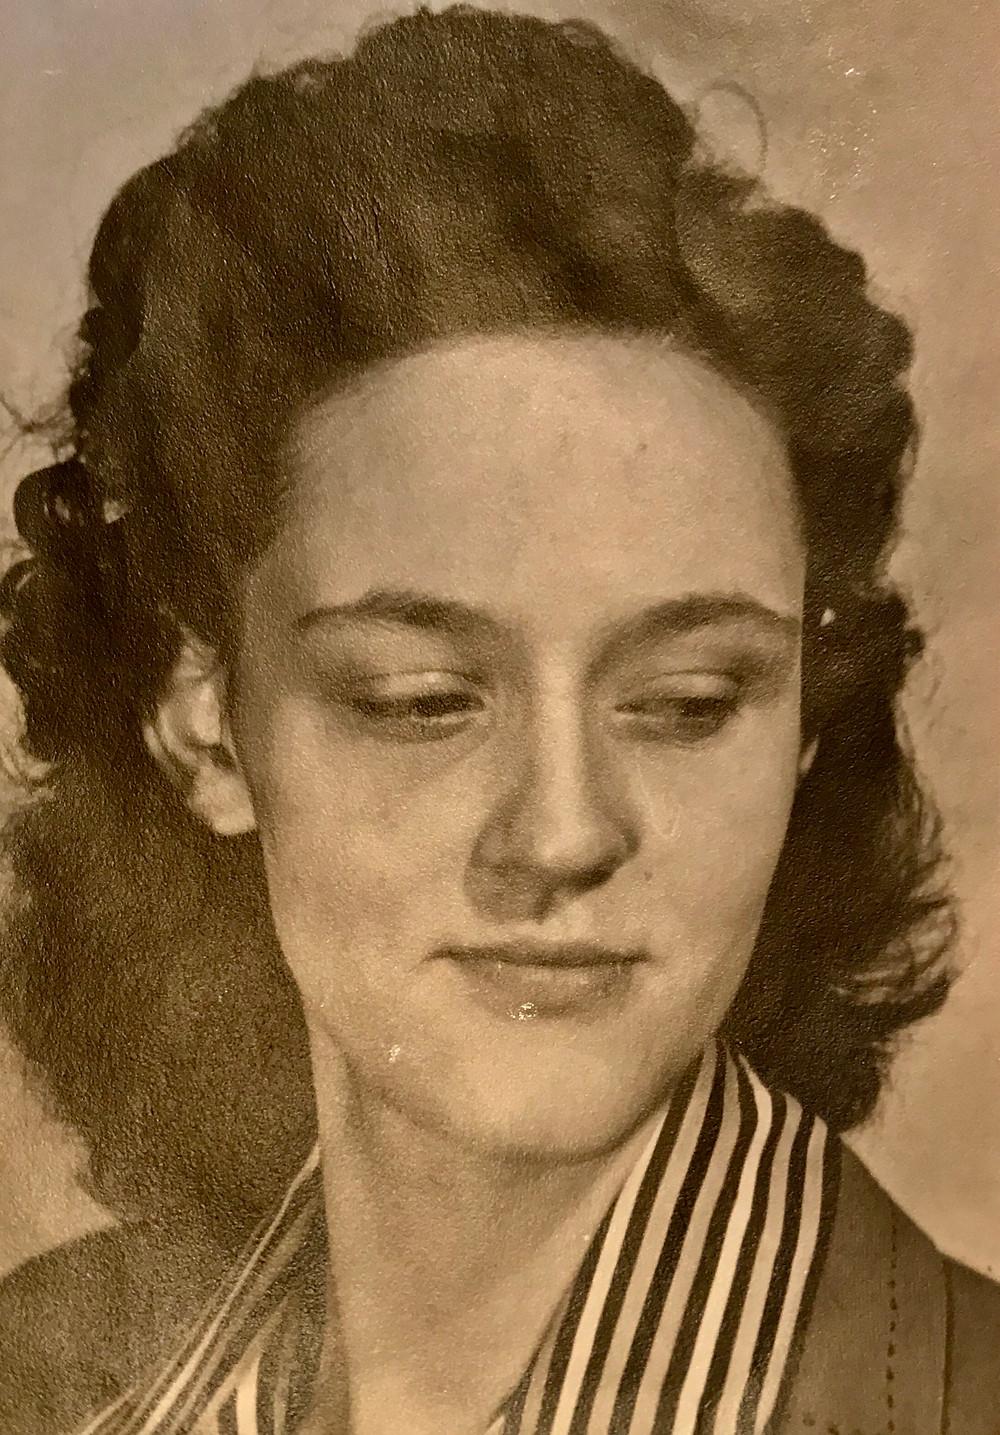 Treva Mae Whitmore